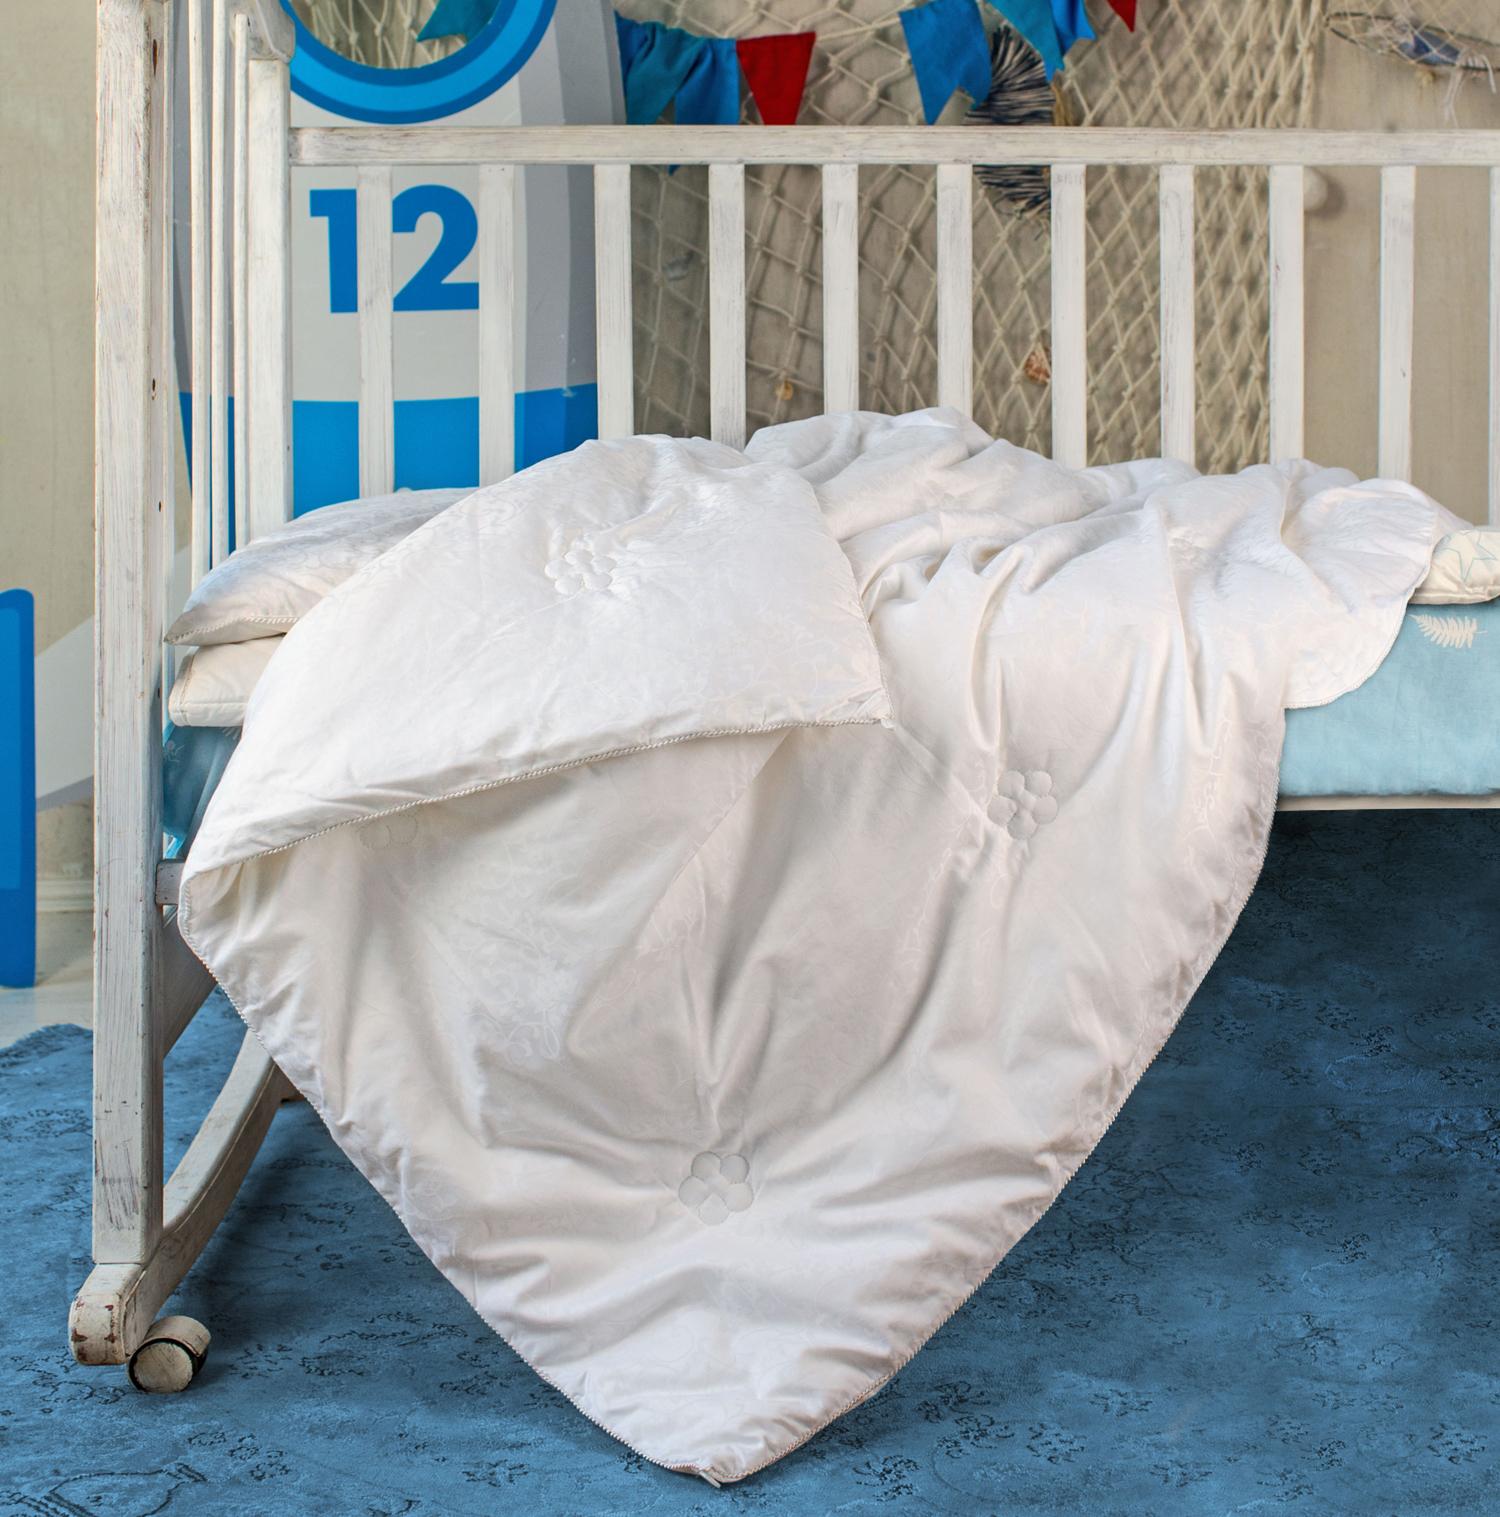 Детские одеяла Одеяло детское шелковое 110х140 OnSilk Comfort Premium легкое odeyalo-detskoe-shelkovoe-110h140-onsilk-comfort-premium-legkoe-kitay.jpg